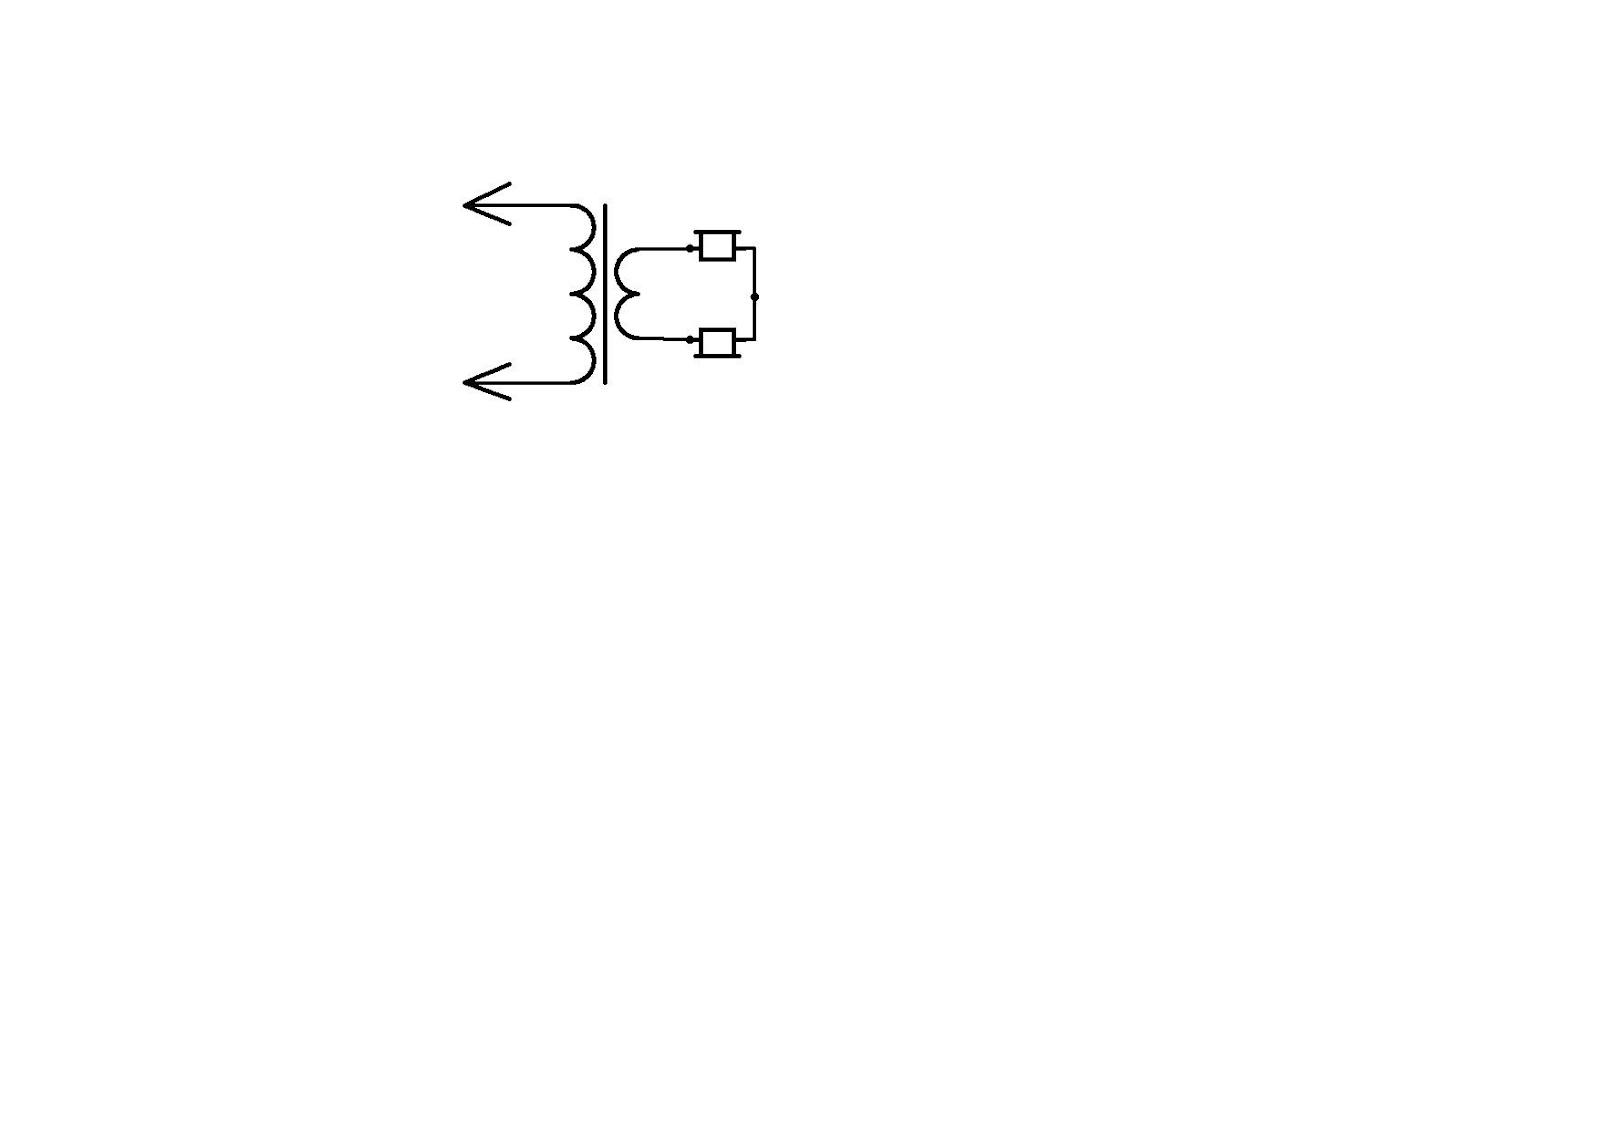 самая простая схема детекторного радиоприемника